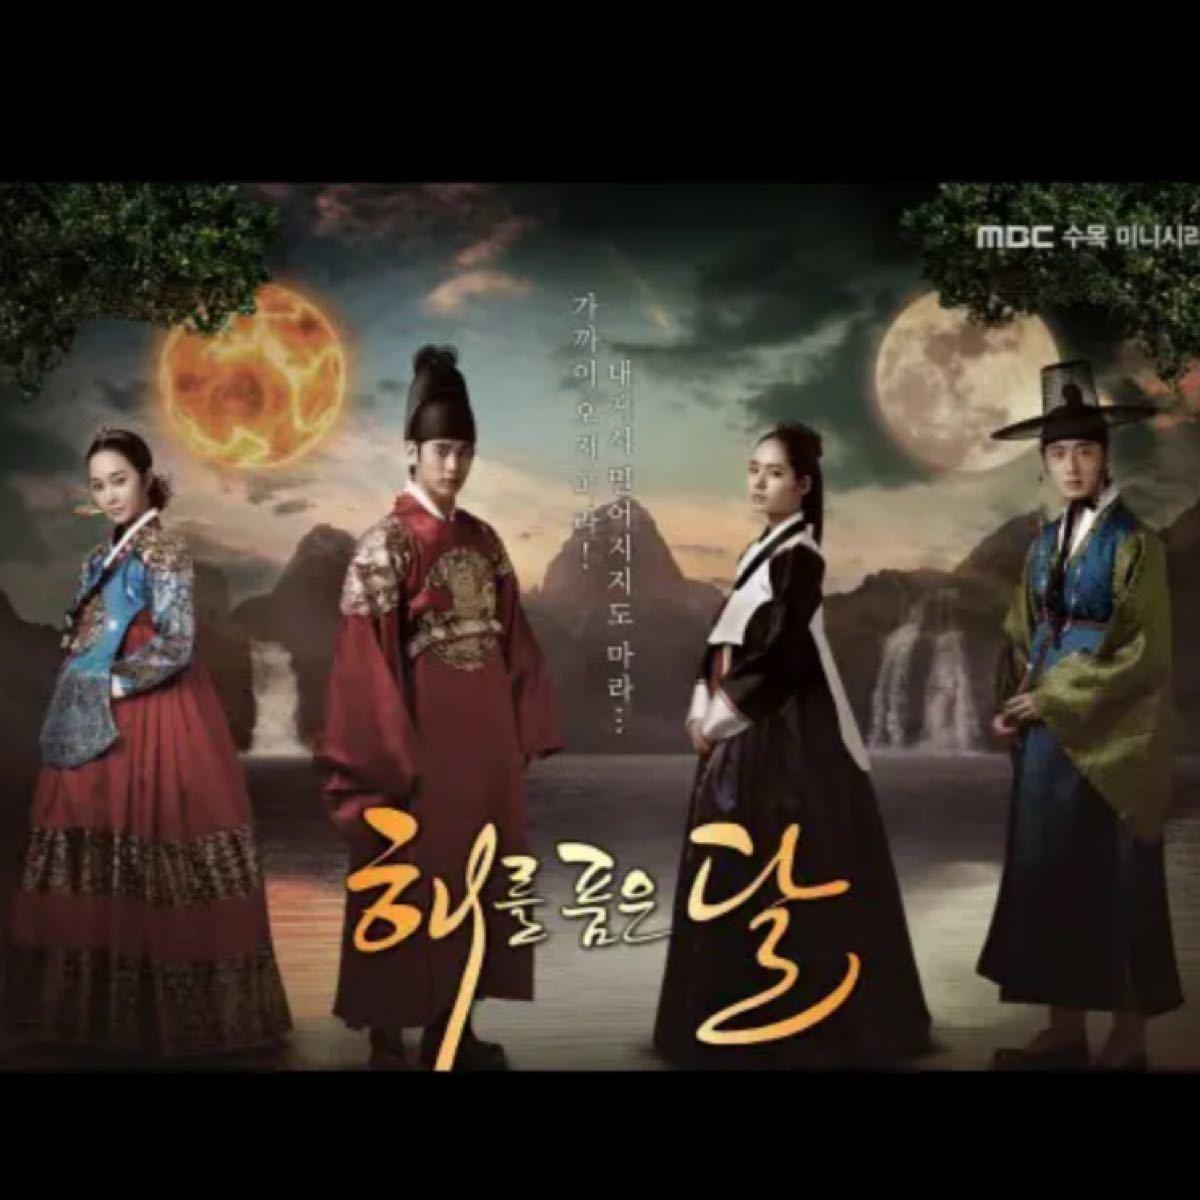 ☆韓国ドラマ☆『太陽を抱く月』 Blu-ray  全話 CDケース入